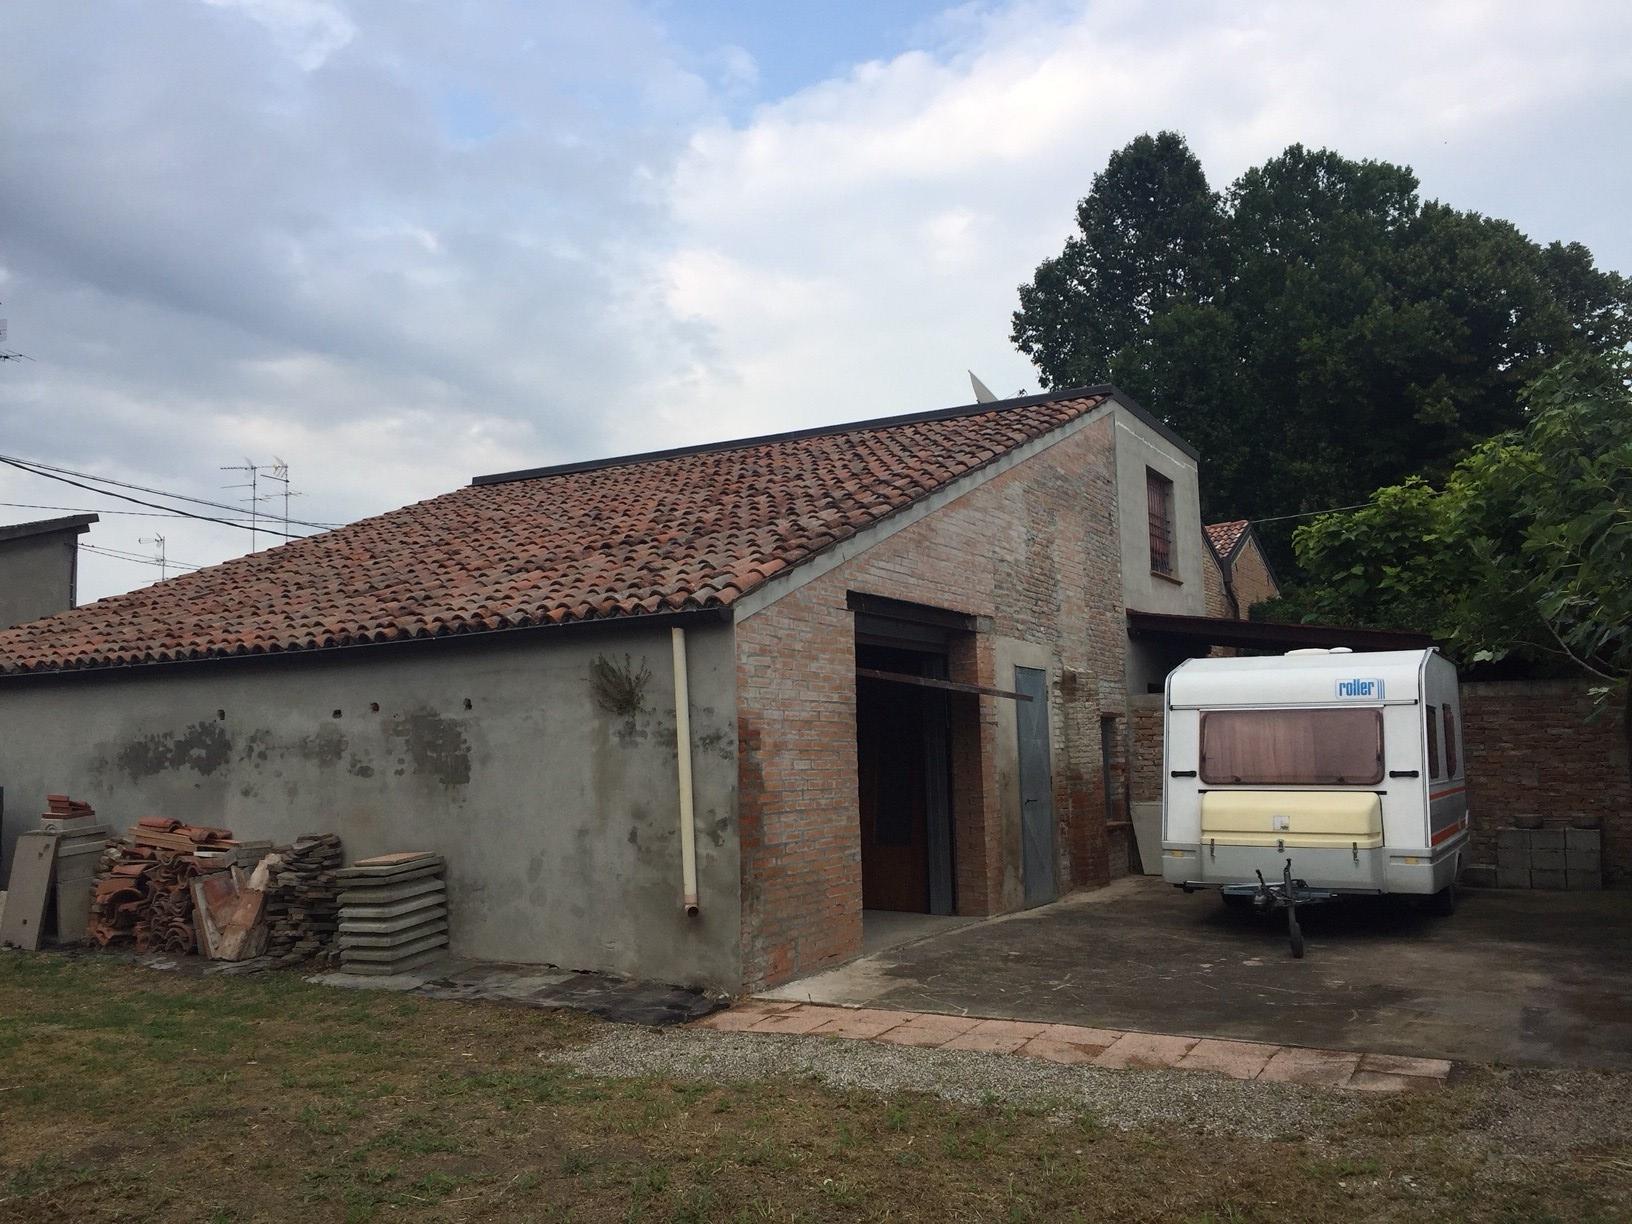 vendita casa indipendente ferrara fuori mura - zona est  90000 euro  3 locali  125 mq